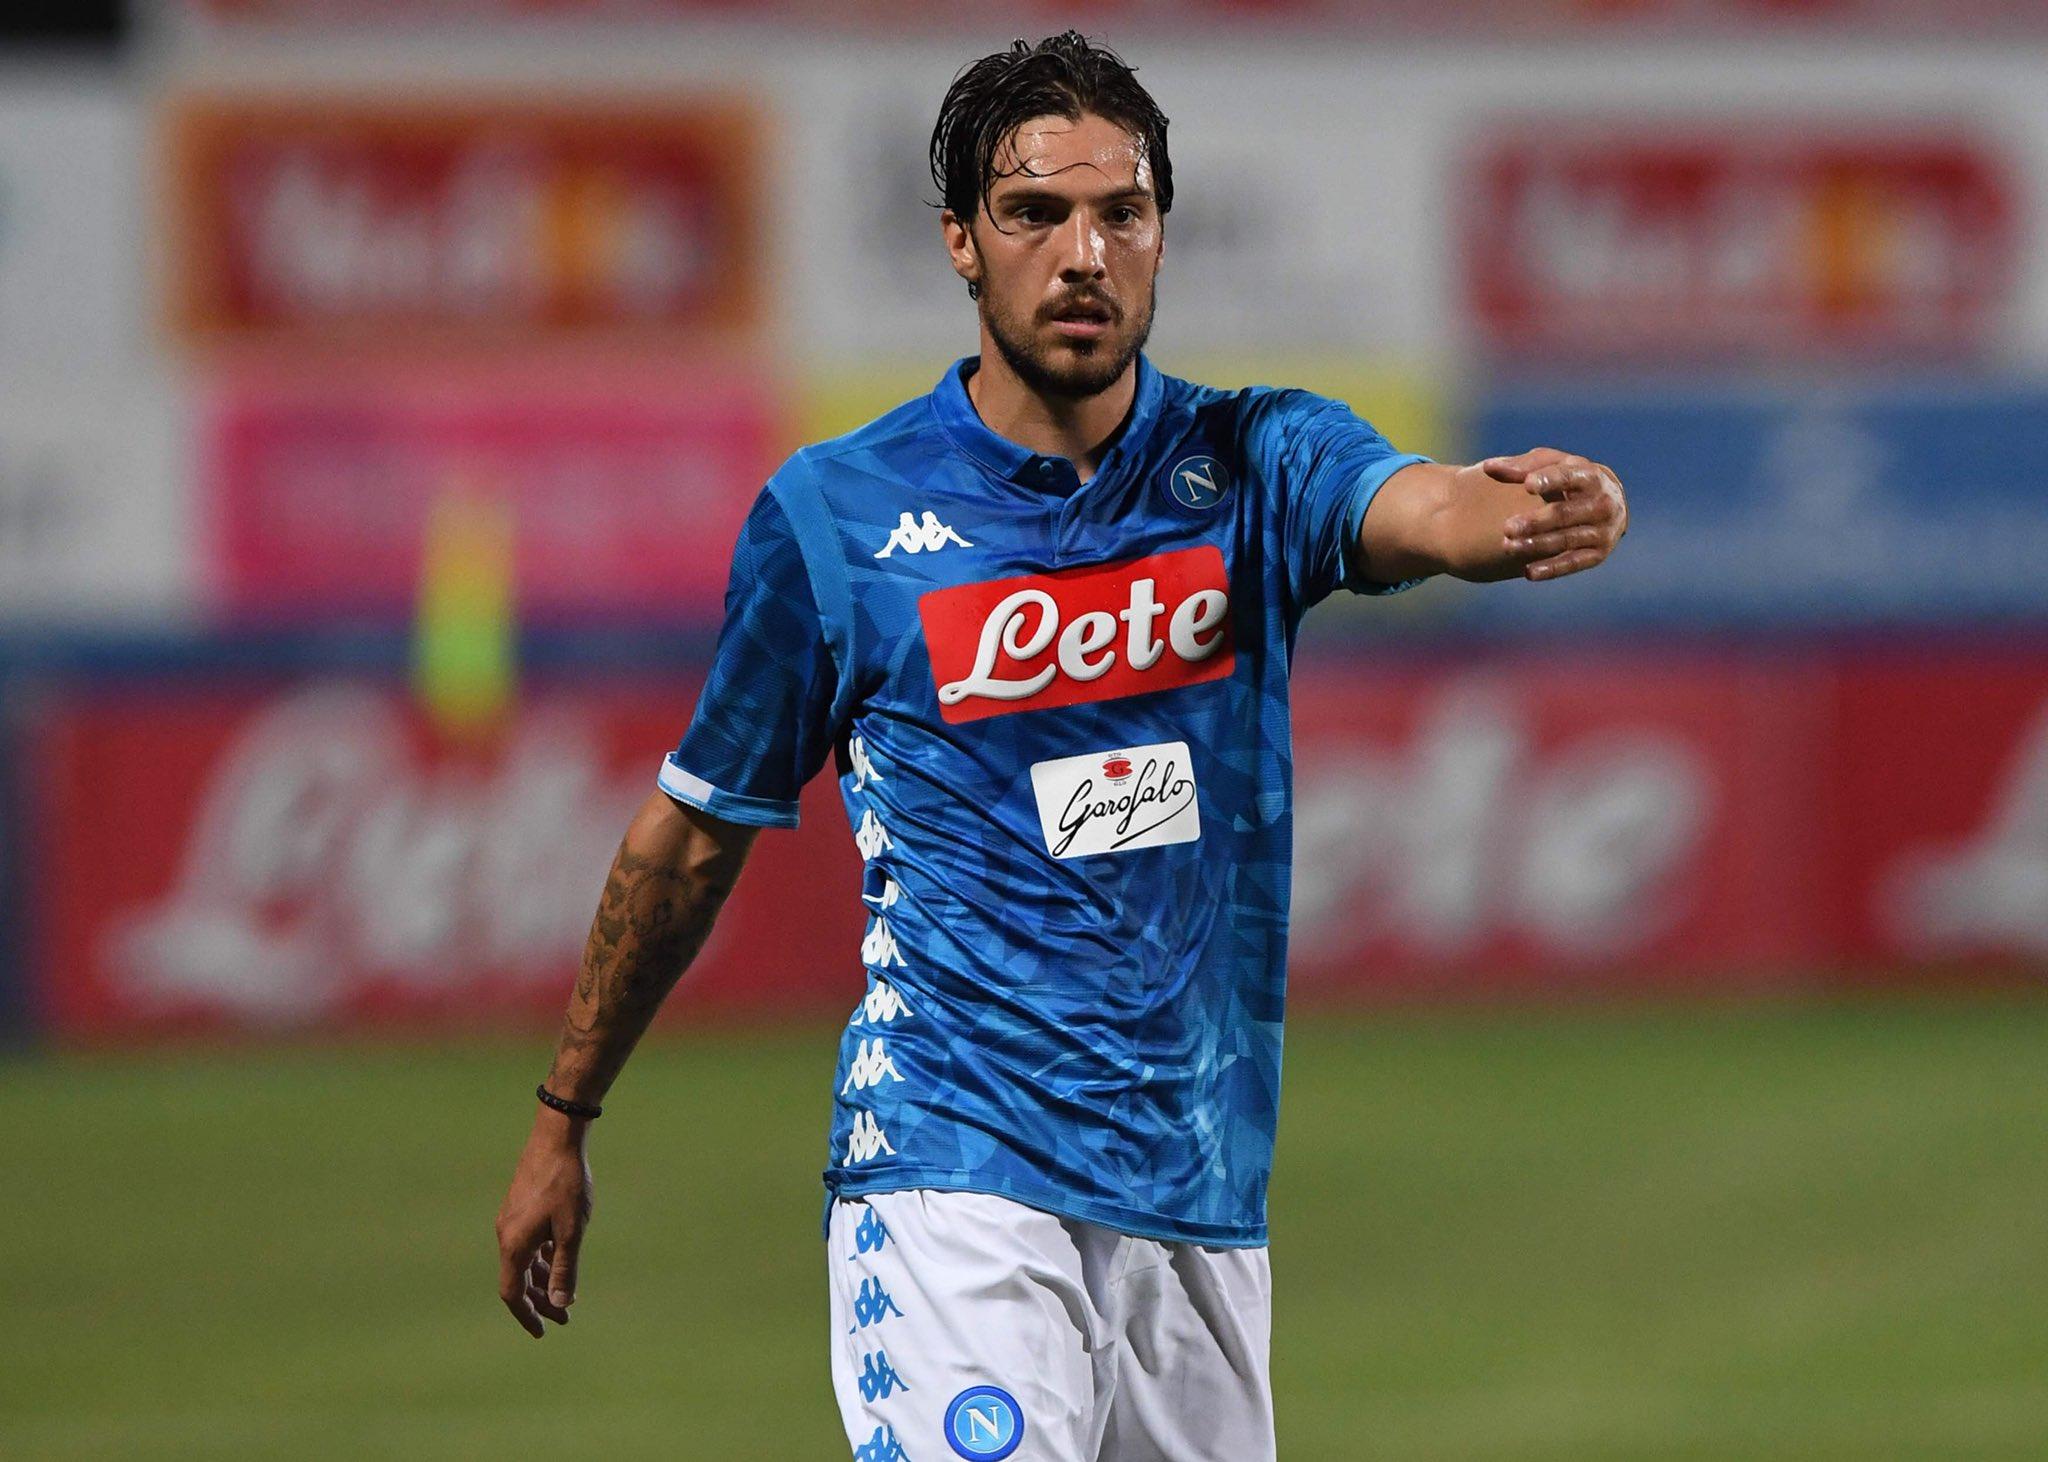 Verso Sampdoria-Napoli: Fabian lavora in gruppo, Sky preannuncia Verdi e Diawara titolari